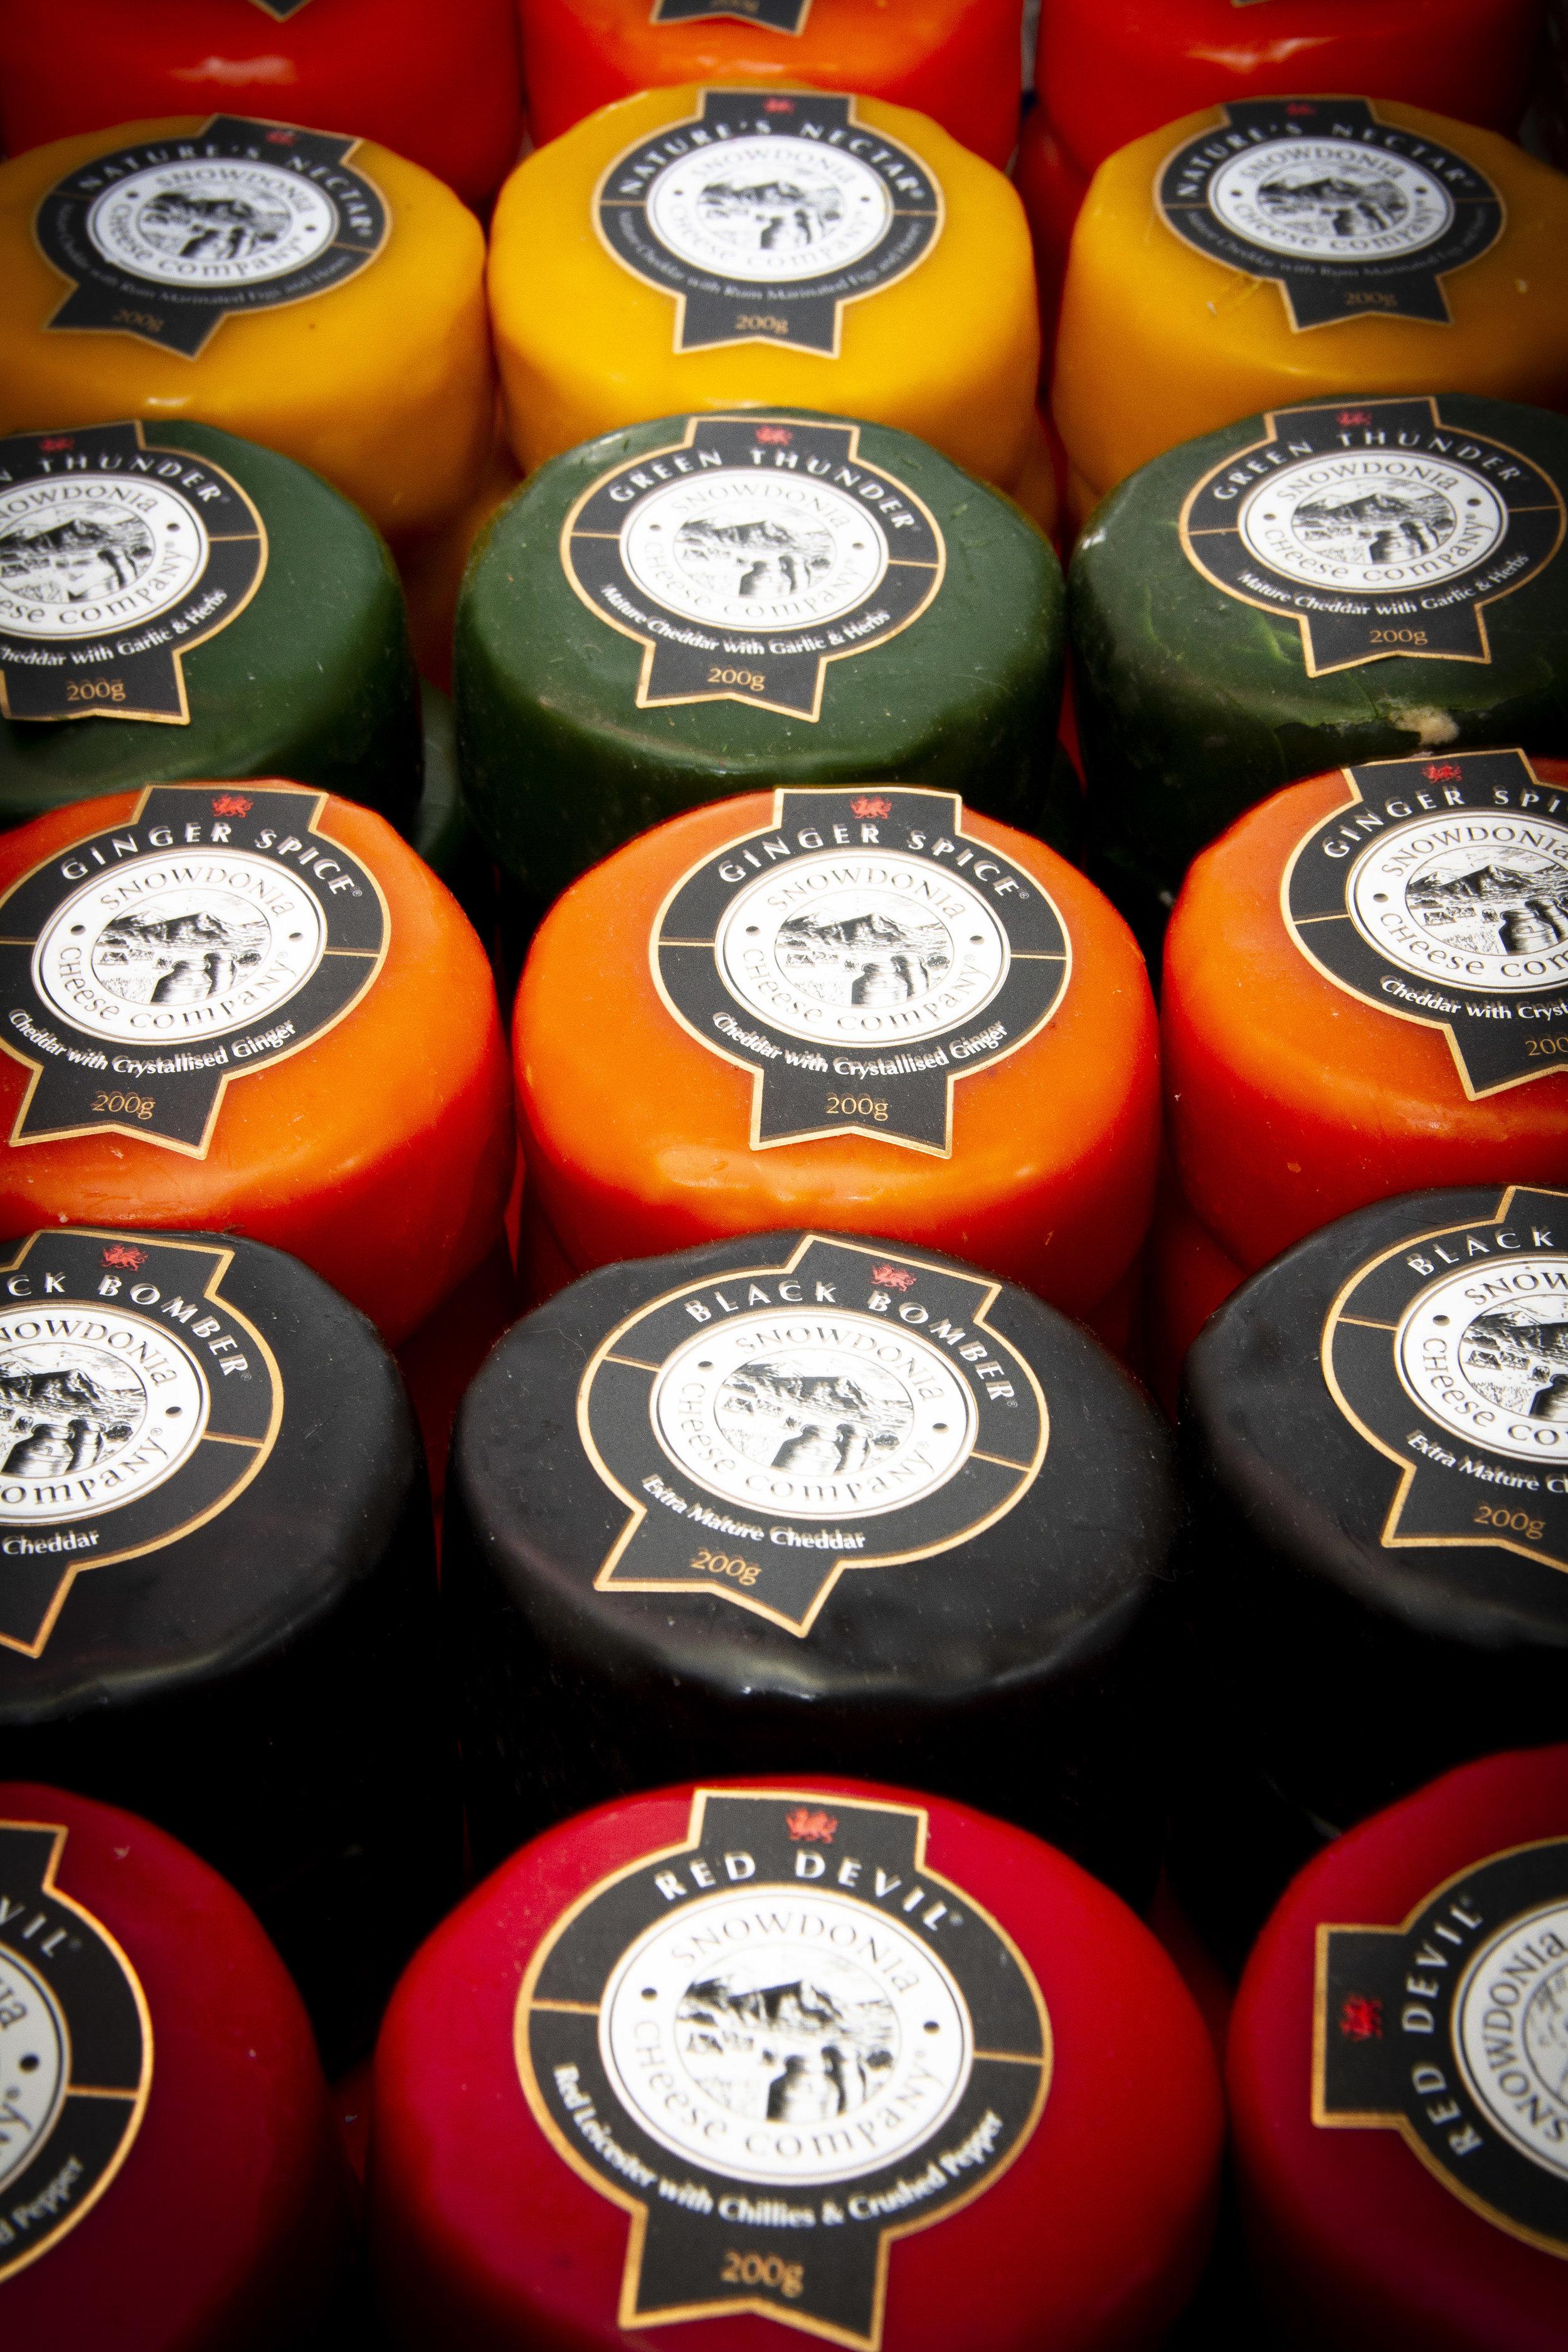 Snowdonia Cheese.jpg